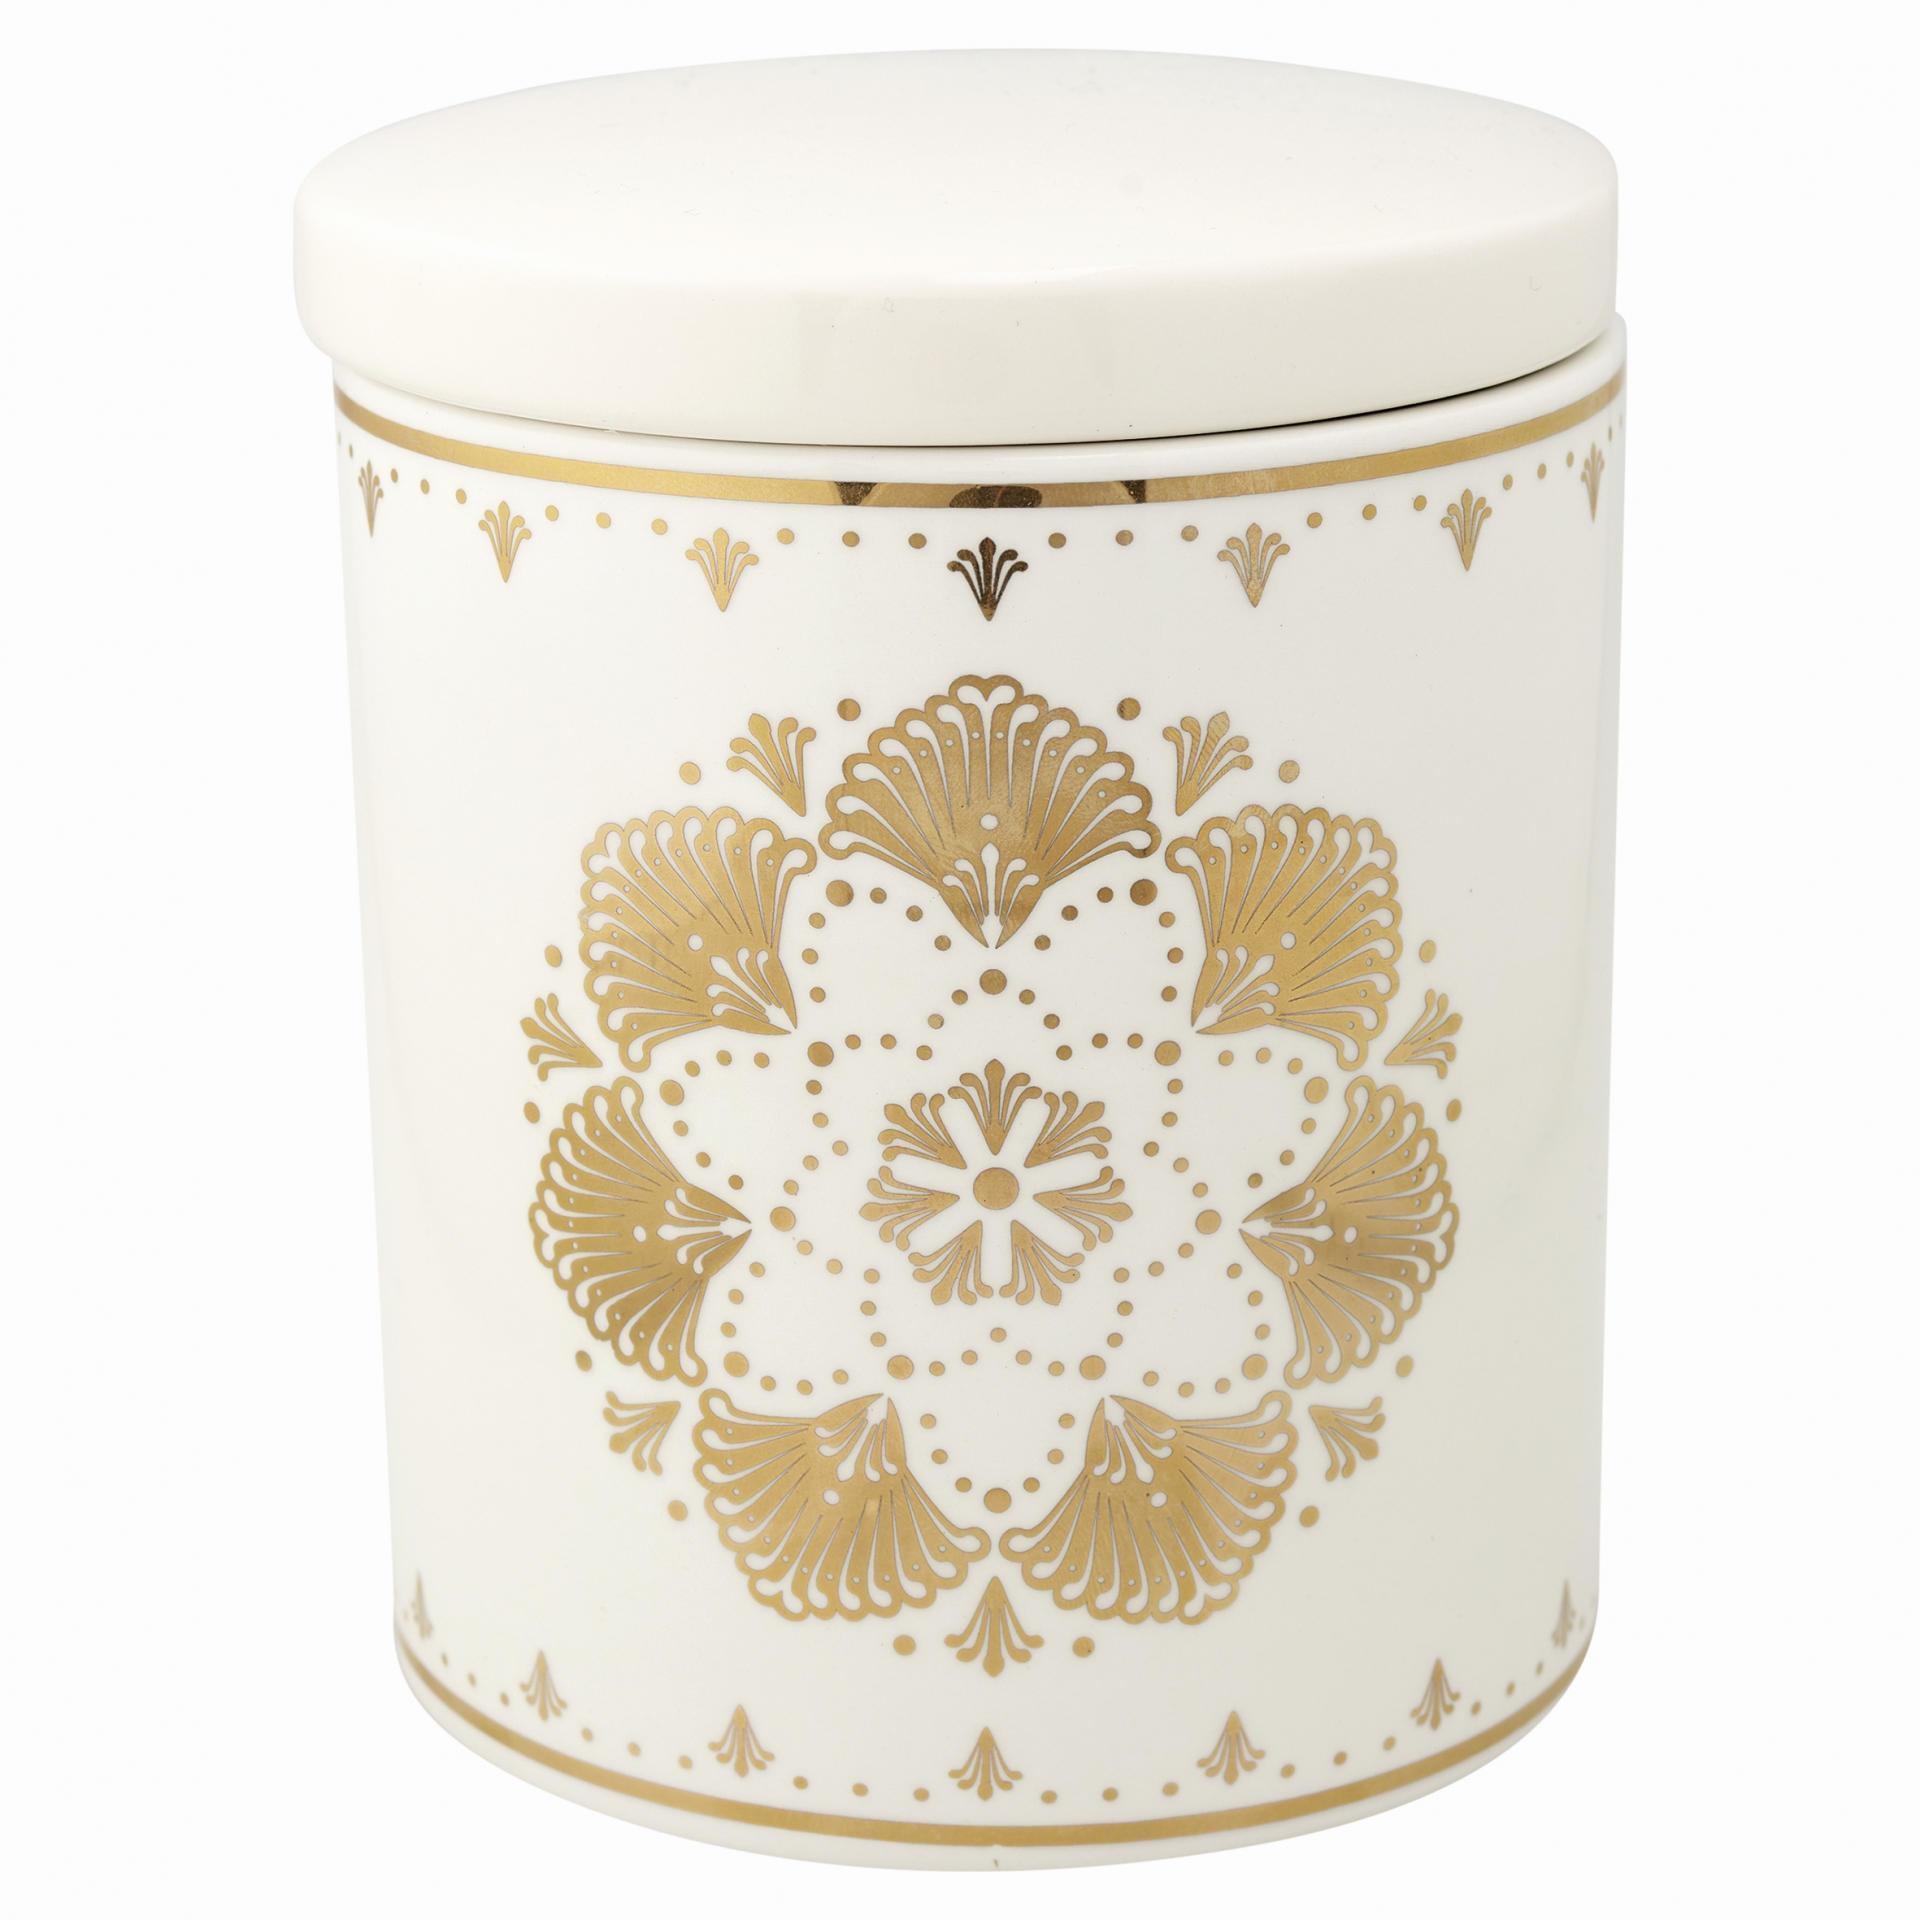 GREEN GATE Keramická dóza Elvina Gold, žlutá barva, bílá barva, keramika